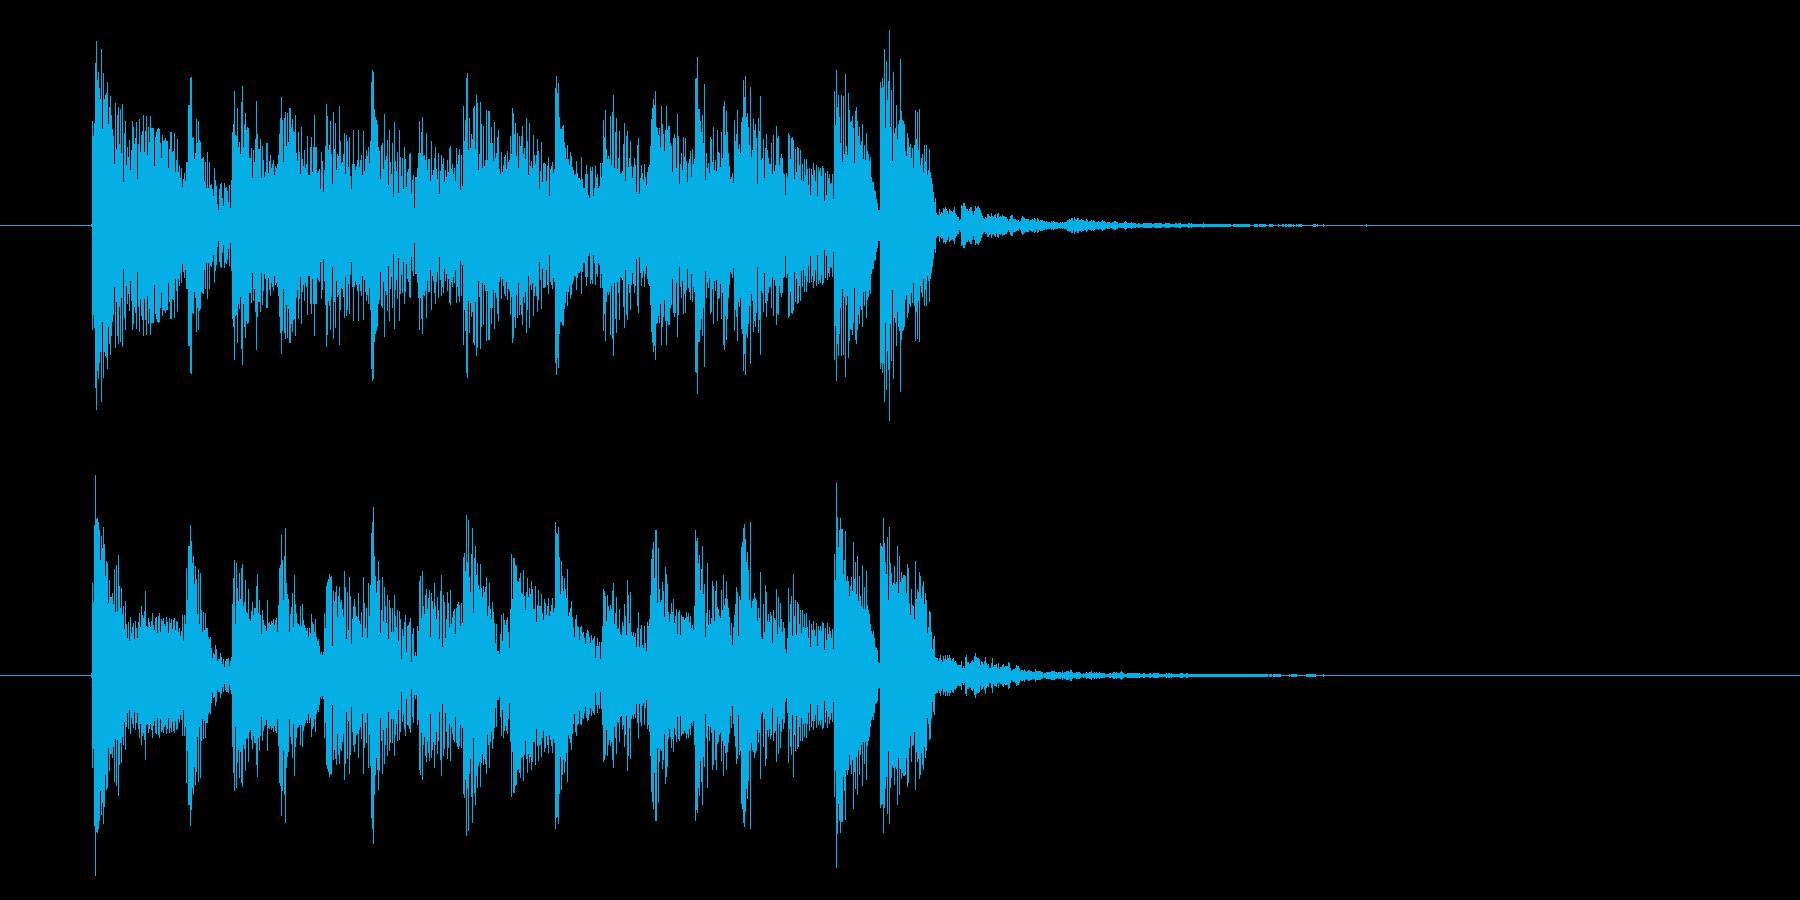 アップテンポで弾みのある短めの曲の再生済みの波形